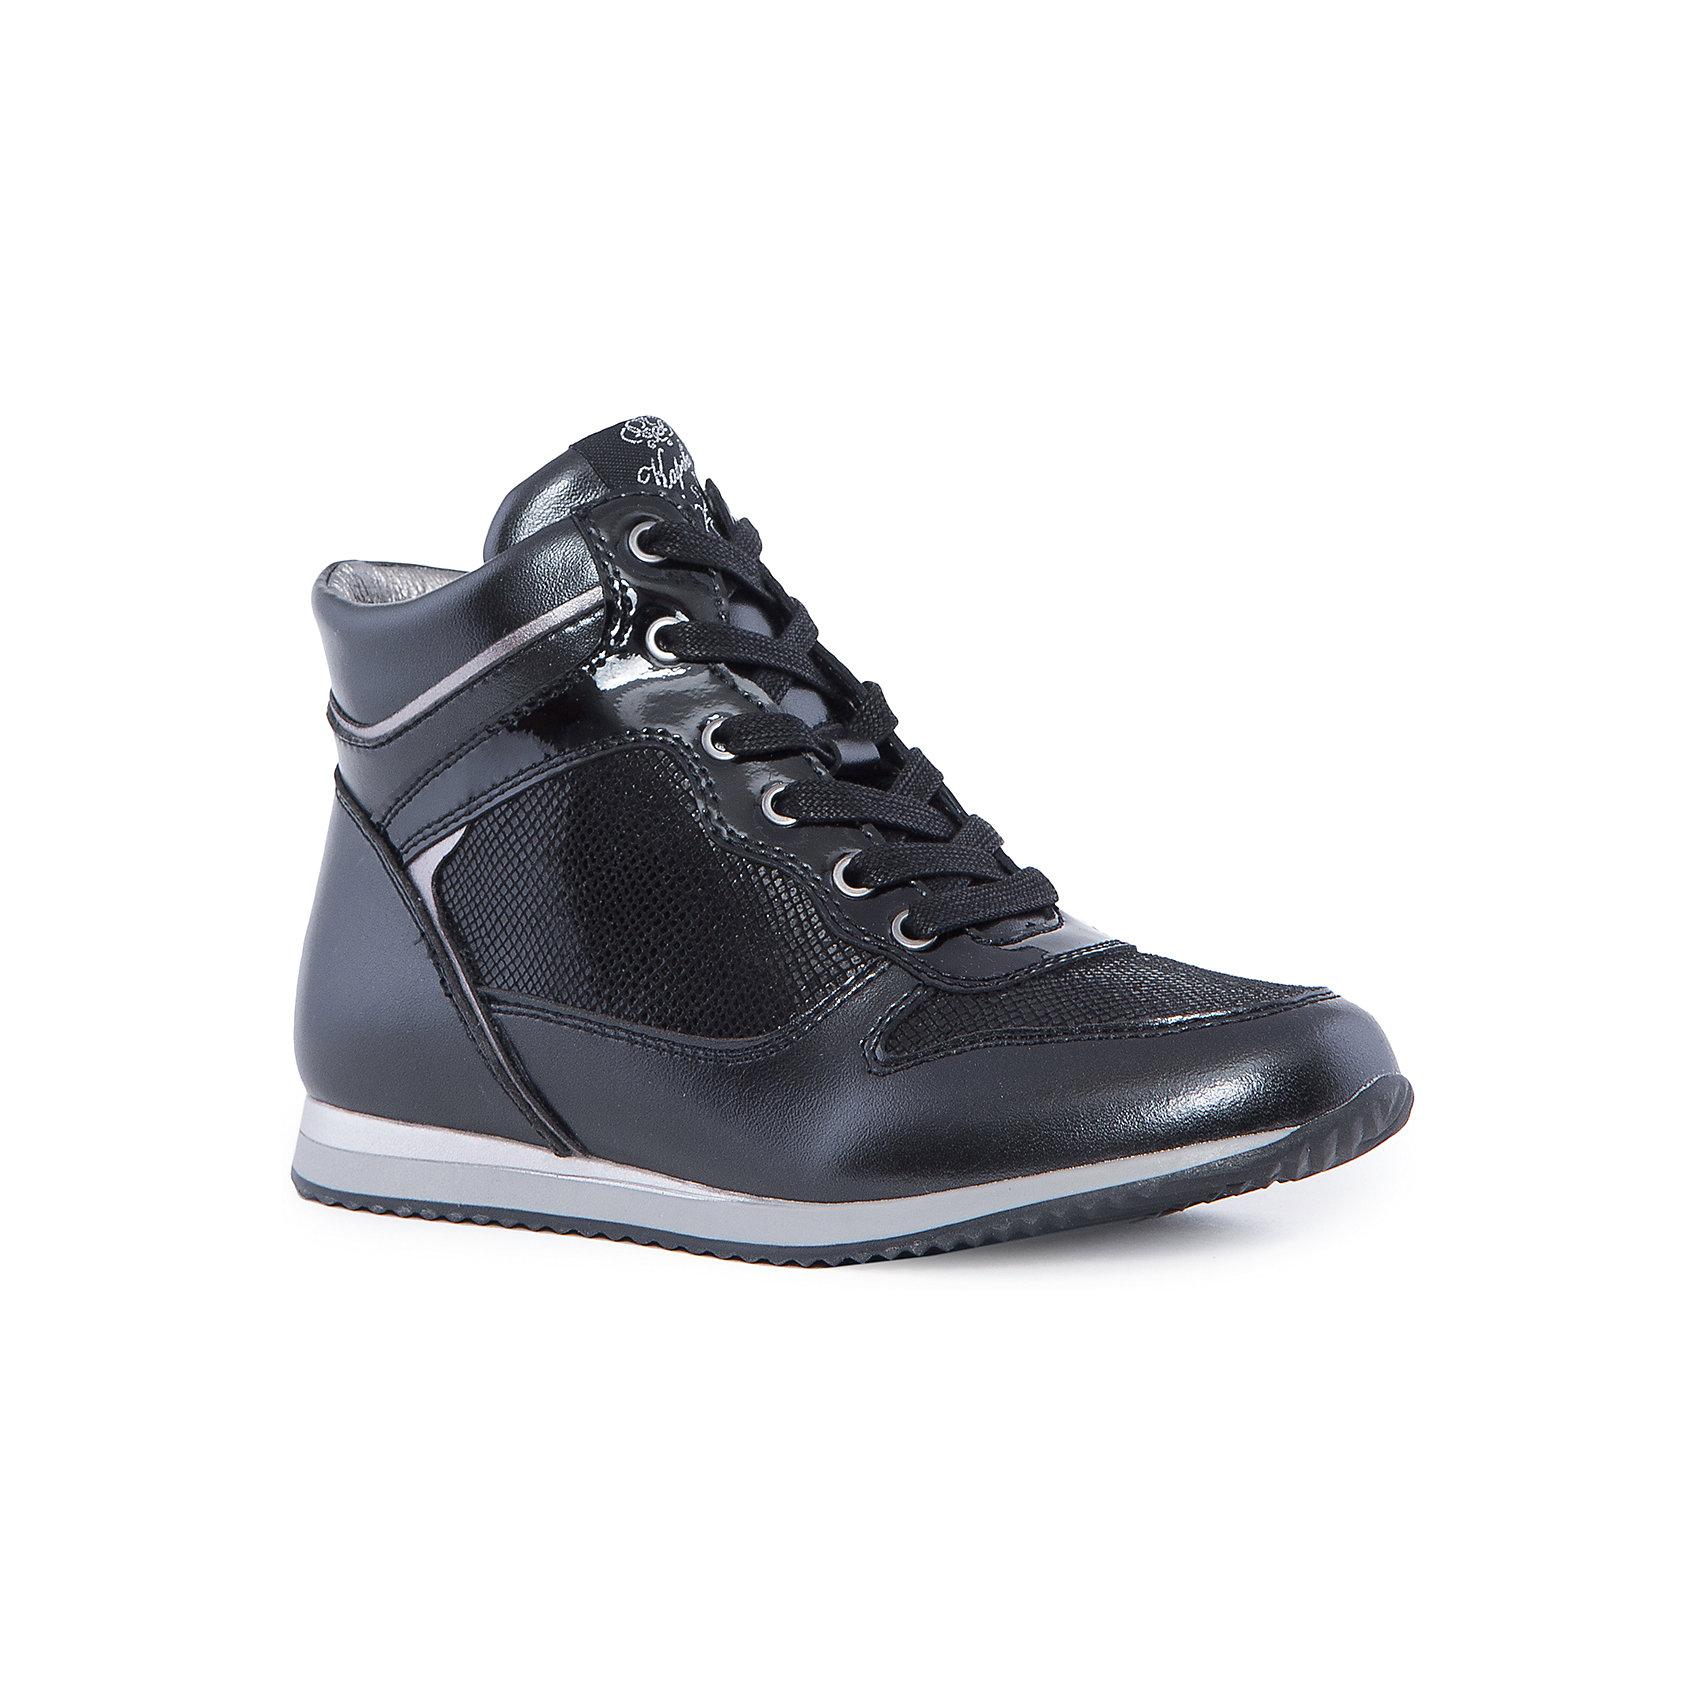 Ботинки для девочки KAPIKAБотинки<br>Ботинки для мальчика KAPIKA – стиль, удобство и комфорт.<br>Красивые кеды из натуральной кожи сделаны со специальным супинатором, который делает носку комфортной. Стелька и подкладка также из натуральной кожи. Ботиночки застегиваются с помощью молнии. Можно регулировать полноту модели с помощью шнурков.<br><br>Дополнительная информация:<br><br>- материал верха: натуральная кожа, микрофибра<br>- материал подкладки: 30% шерсти<br>- цвет: черные<br><br>Ботинки для мальчика KAPIKA можно купить в нашем интернет магазине.<br><br>Ширина мм: 262<br>Глубина мм: 176<br>Высота мм: 97<br>Вес г: 427<br>Цвет: черный<br>Возраст от месяцев: 132<br>Возраст до месяцев: 144<br>Пол: Женский<br>Возраст: Детский<br>Размер: 35,36,37,33,34<br>SKU: 4988073